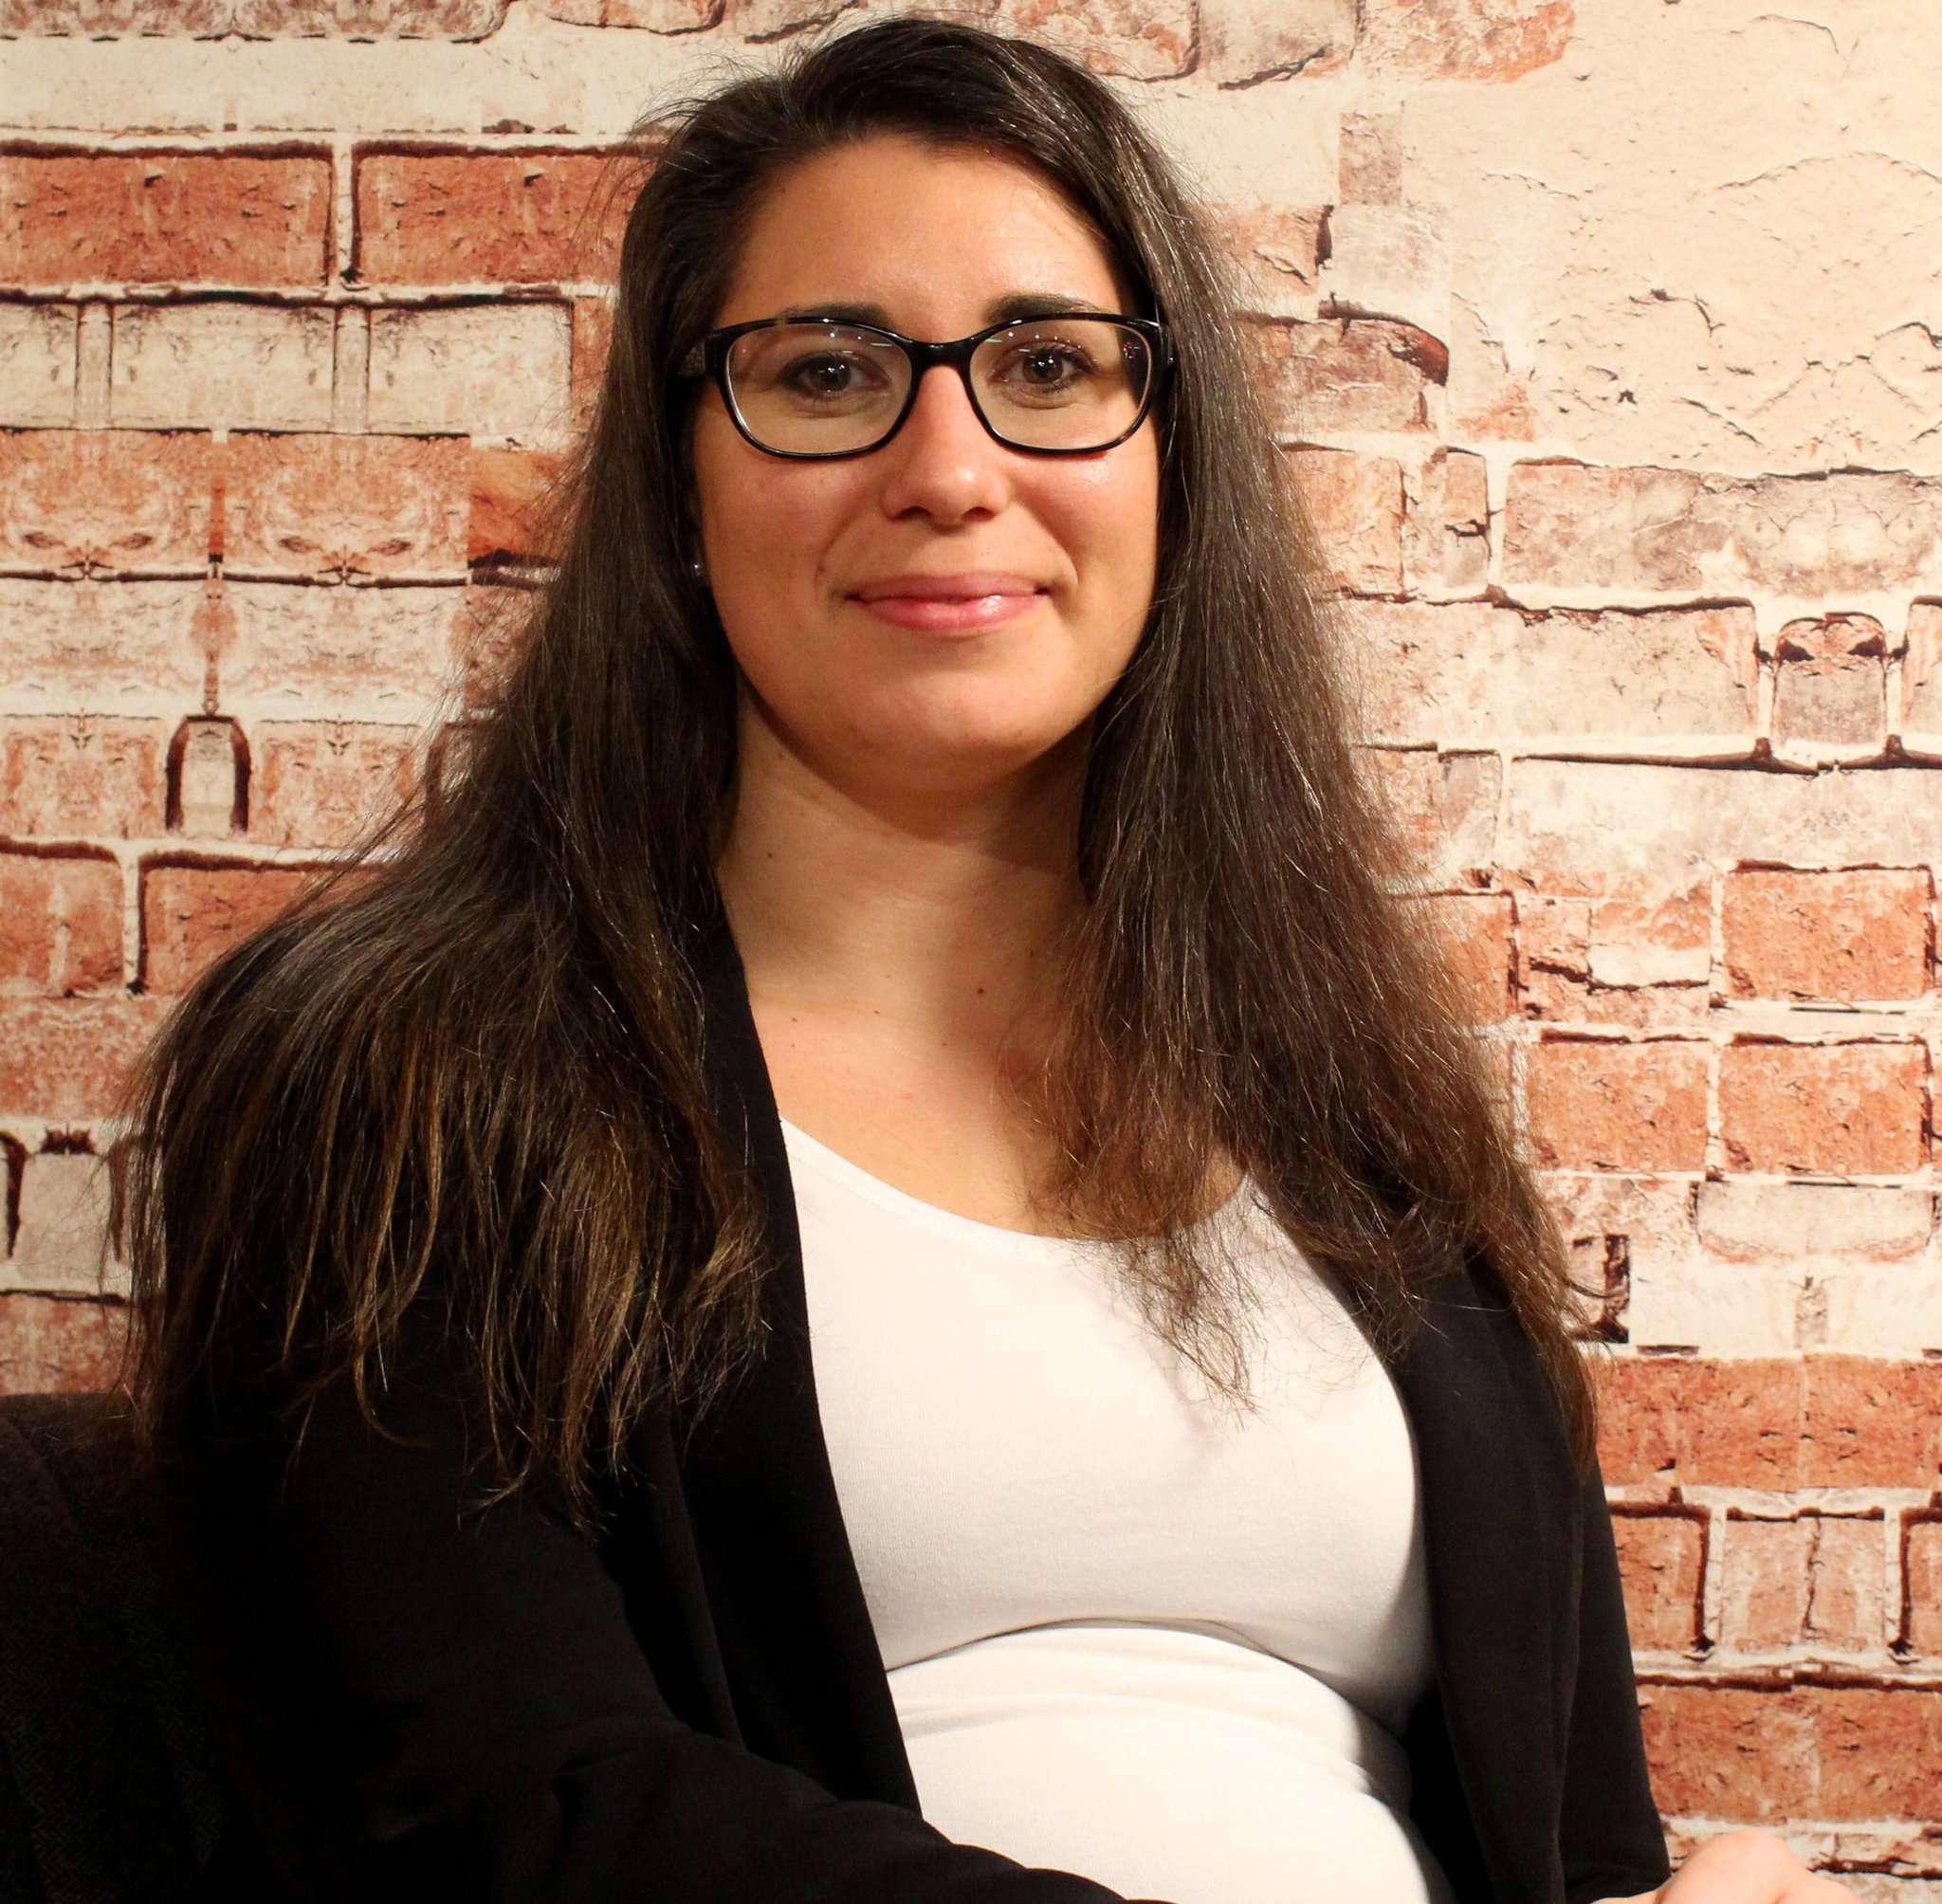 Marsha Weseloh möchte mehr Frauen dazu motivieren, sich politisch zu engagieren. Doch dafür muss sich in den alten Strukturen noch einiges tun. Foto: Ann-Christin Beims